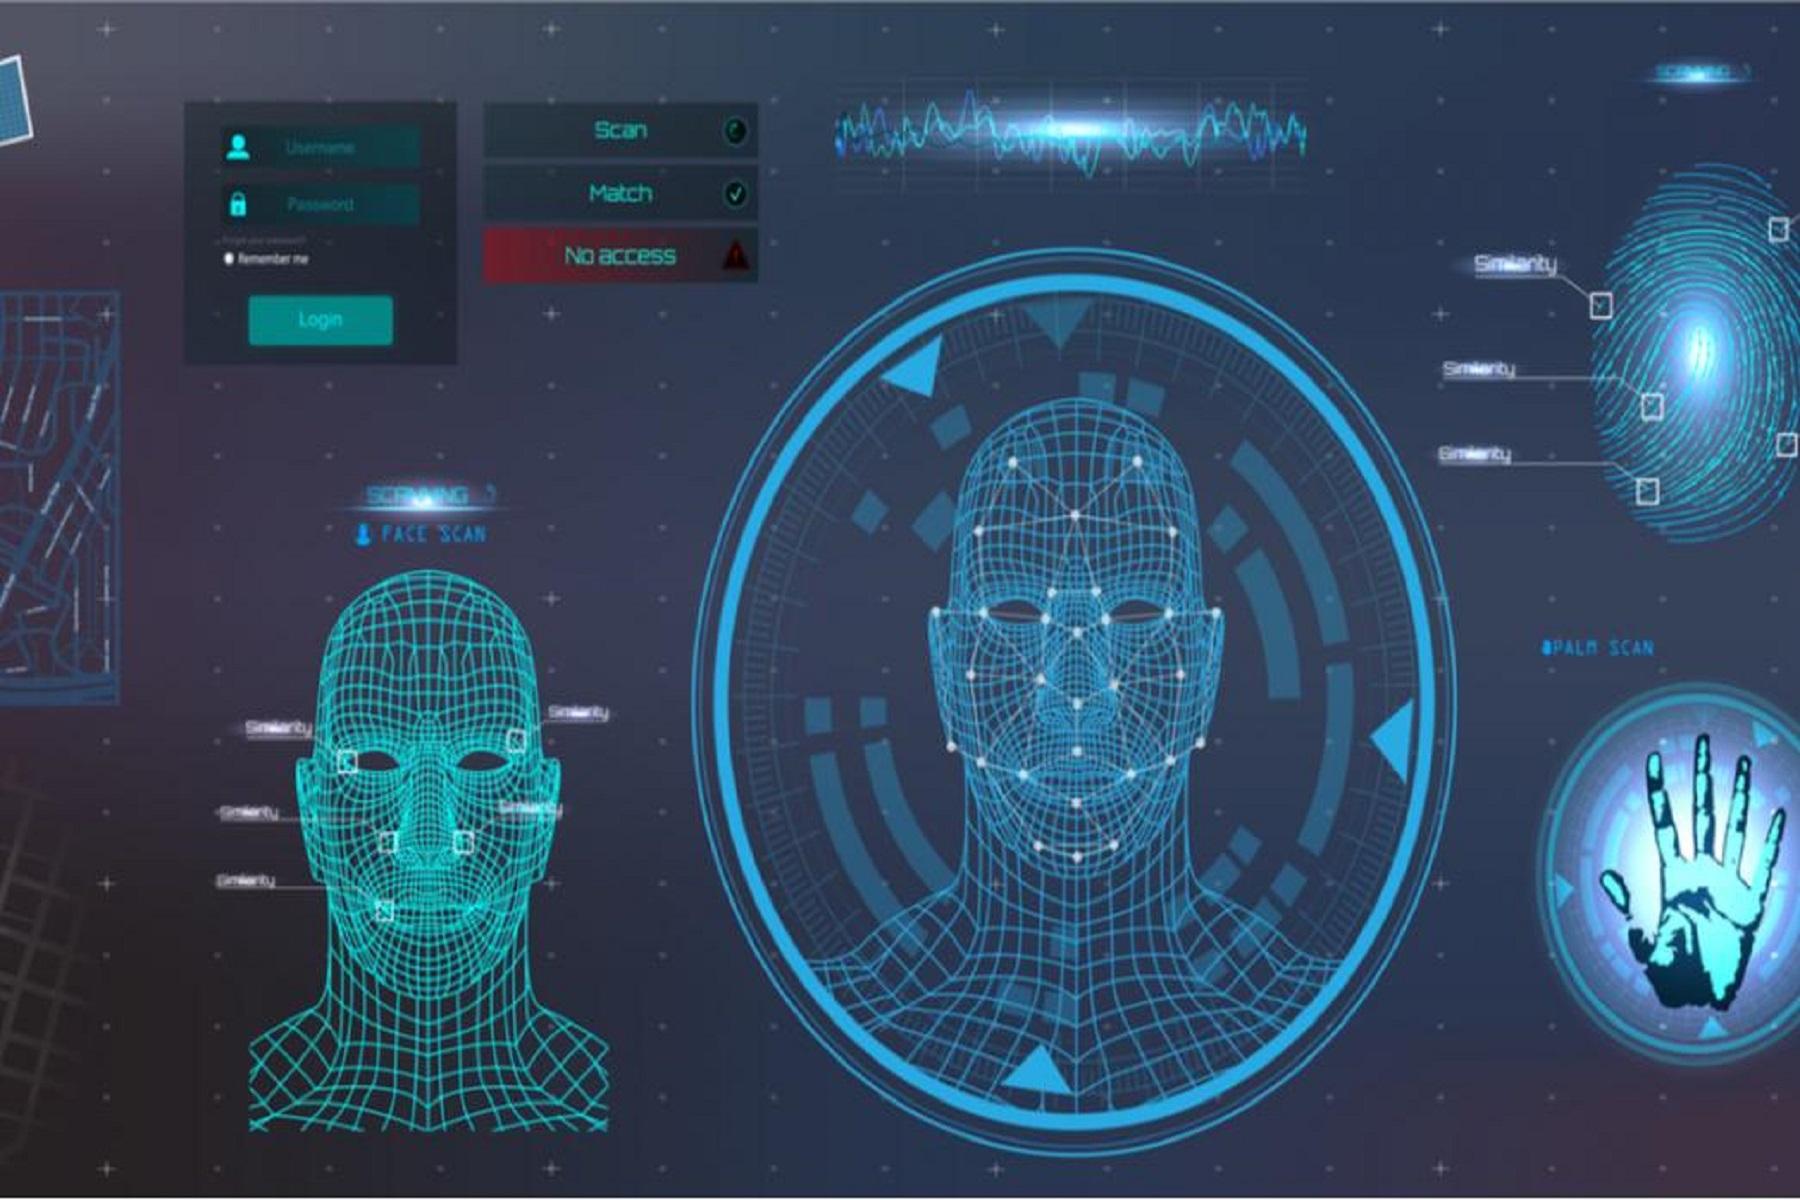 """Τεχνητή Νοημοσύνη: Σύστημα """"διαβάζει"""" με μία μόνο φωτογραφία τον πολιτικό σας προσανατολισμό"""